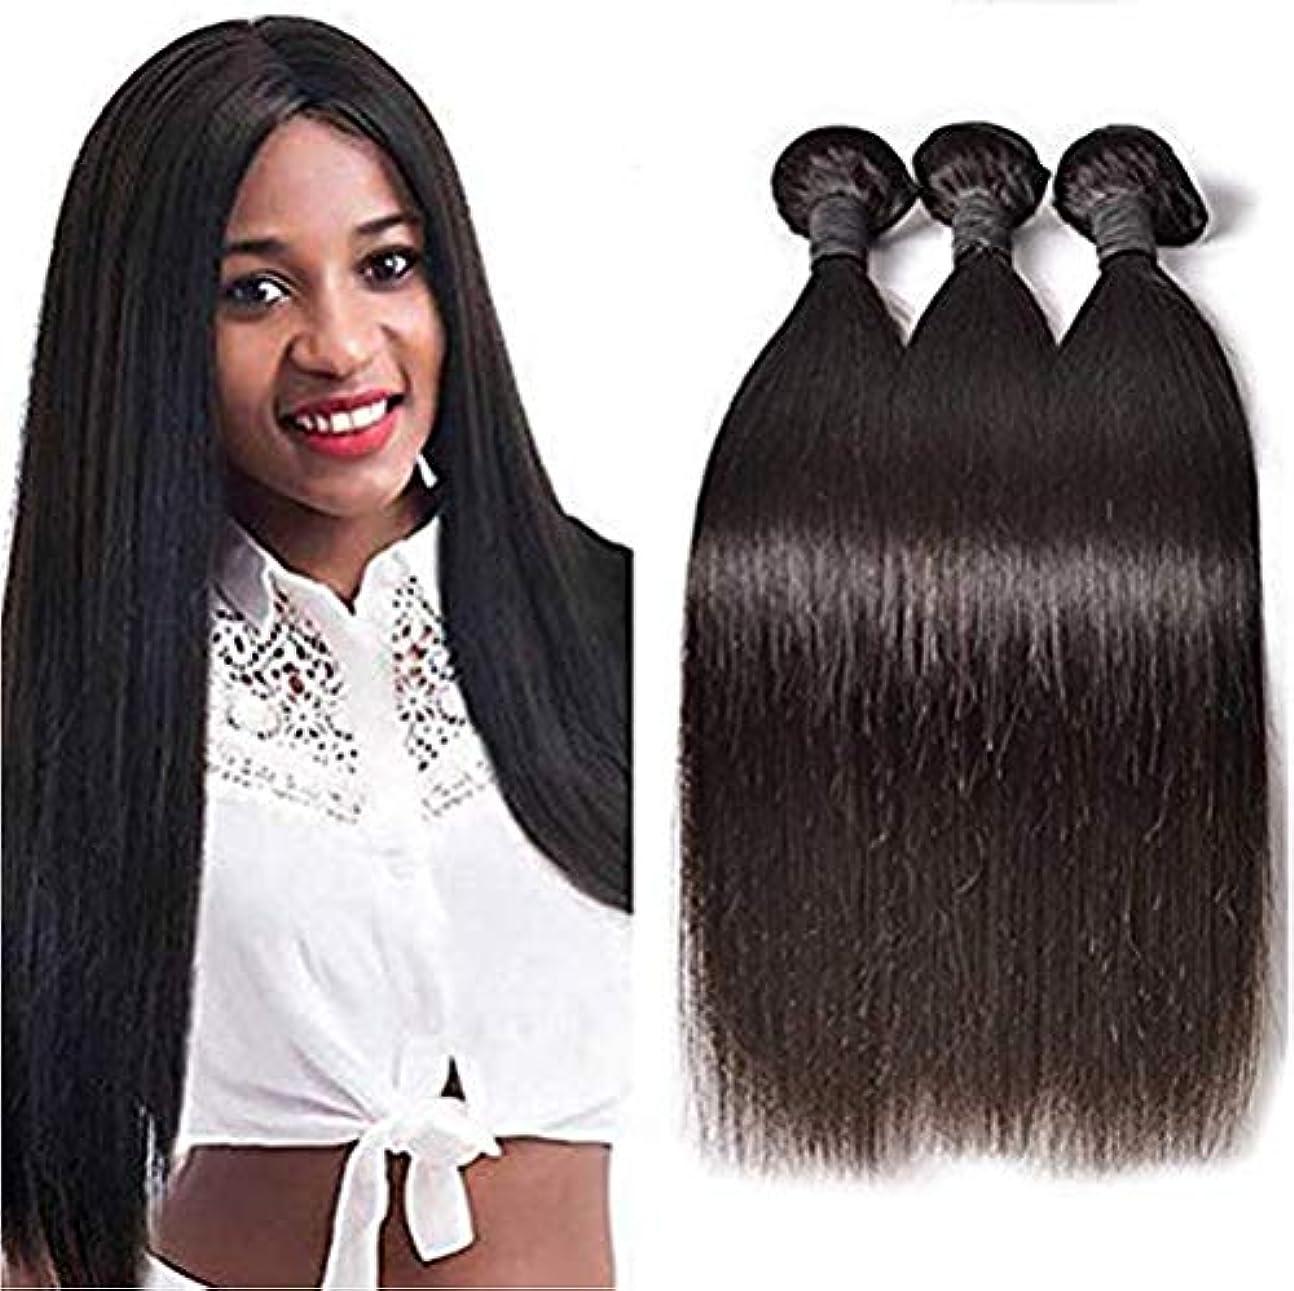 骨折制裁ショート女性10Aブラジルバージン人間の髪の毛1バンドルストレートウェーブ横糸100%本物の人間の毛髪エクステンション自然毛織り